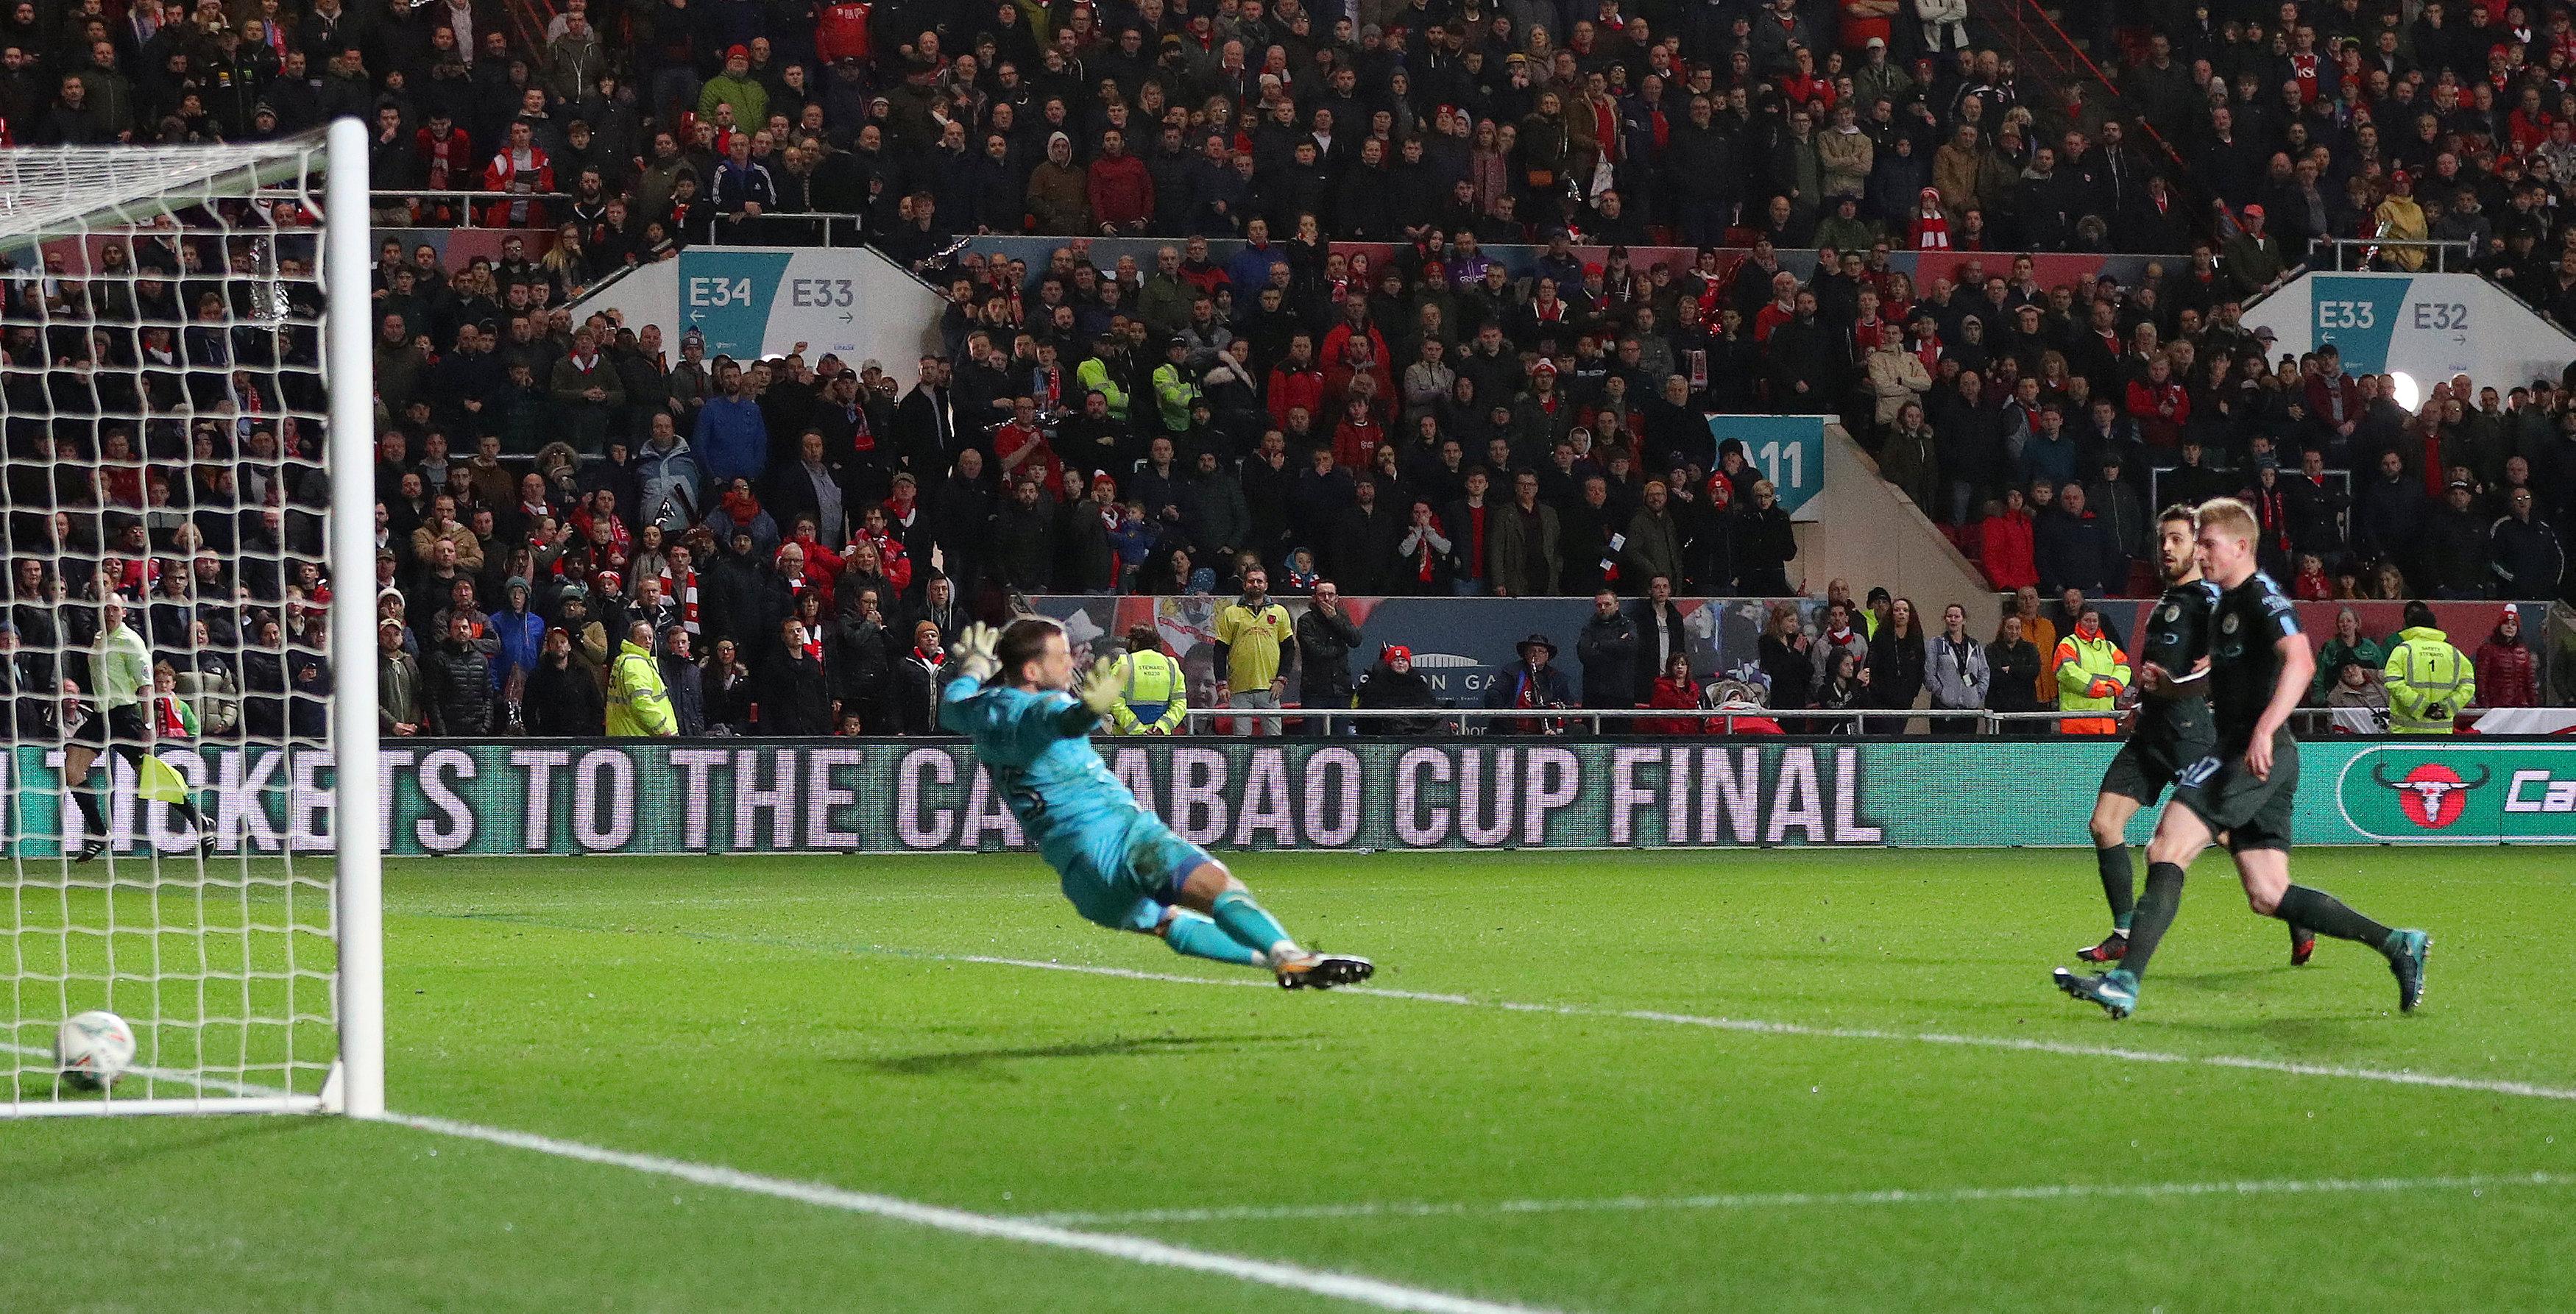 Pha dứt điểm ấn định chiến thắng 3-2 cho M.C của De Bruyne. Ảnh: REUTERS